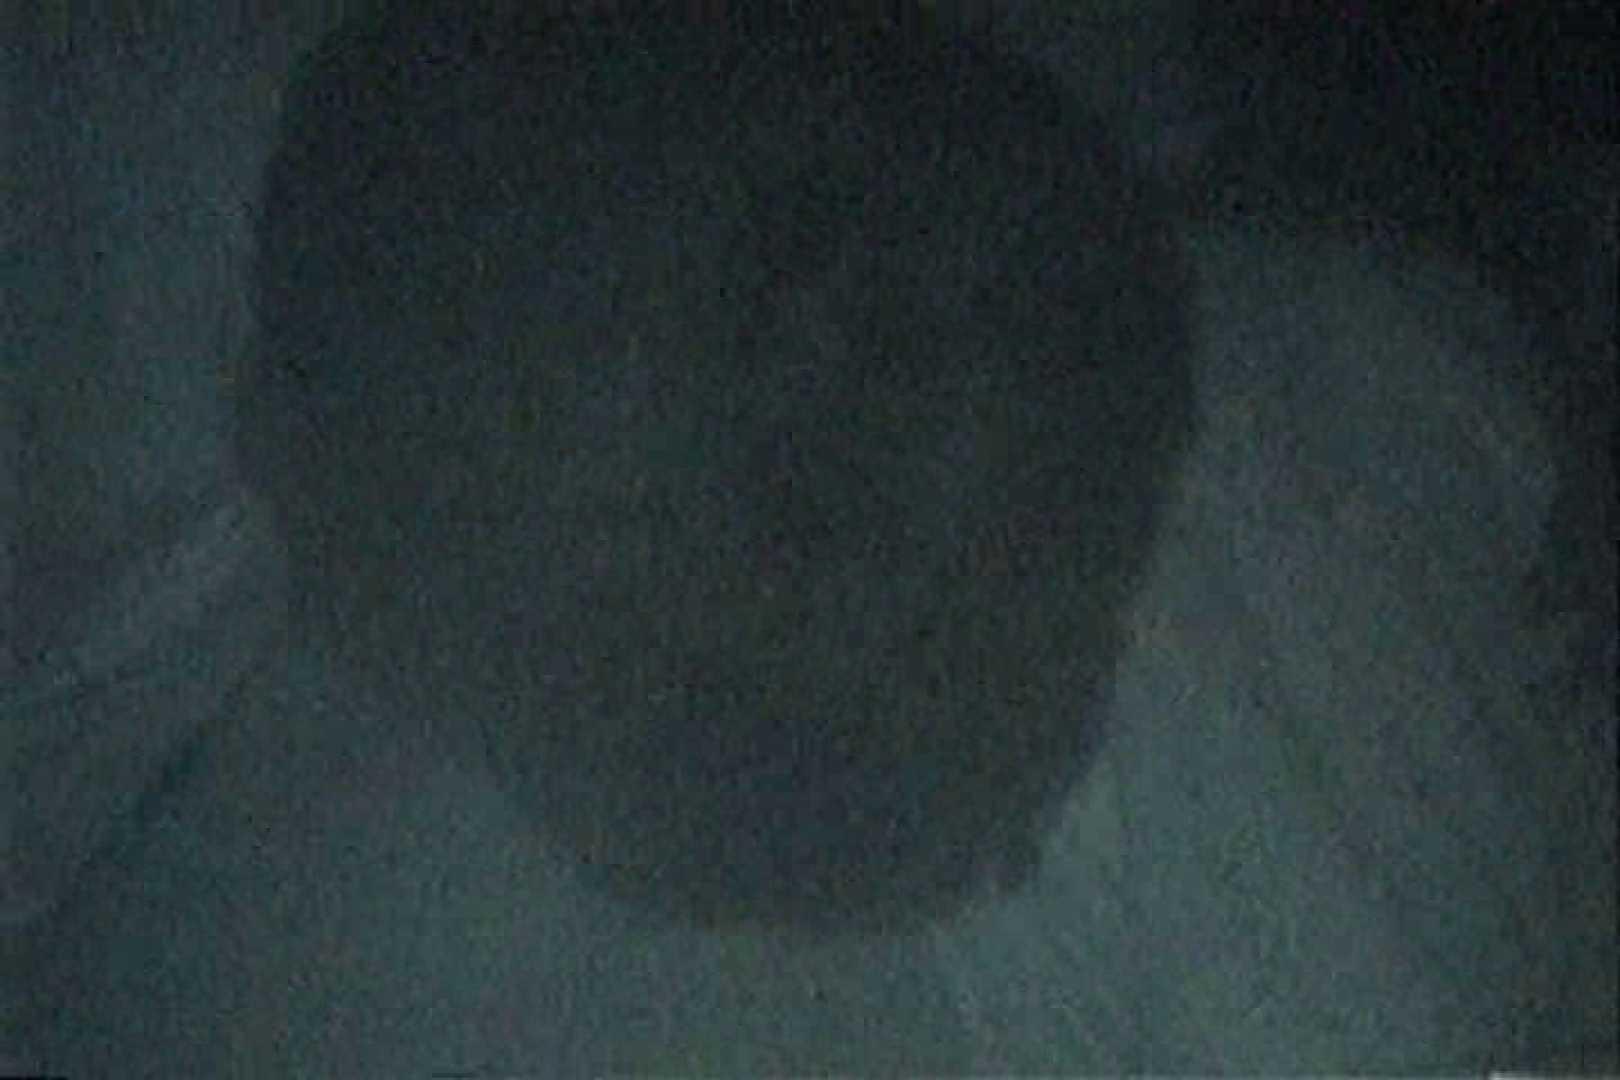 「充血監督」さんの深夜の運動会!! vol.141 ギャル達 | カップルのsex  105枚 26